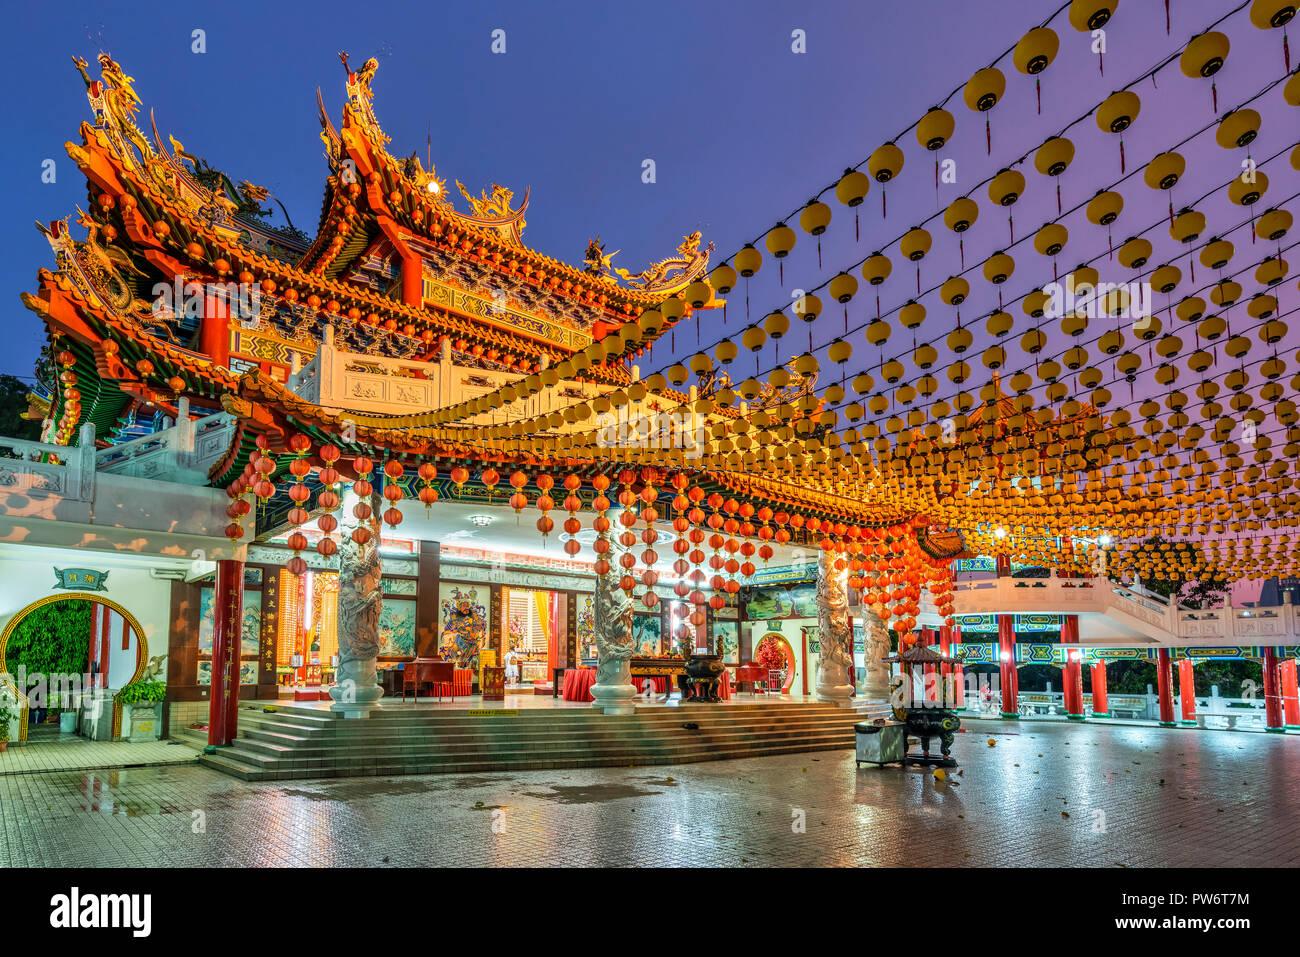 Templo de Thean Hou, Kuala Lumpur, Malasia Imagen De Stock